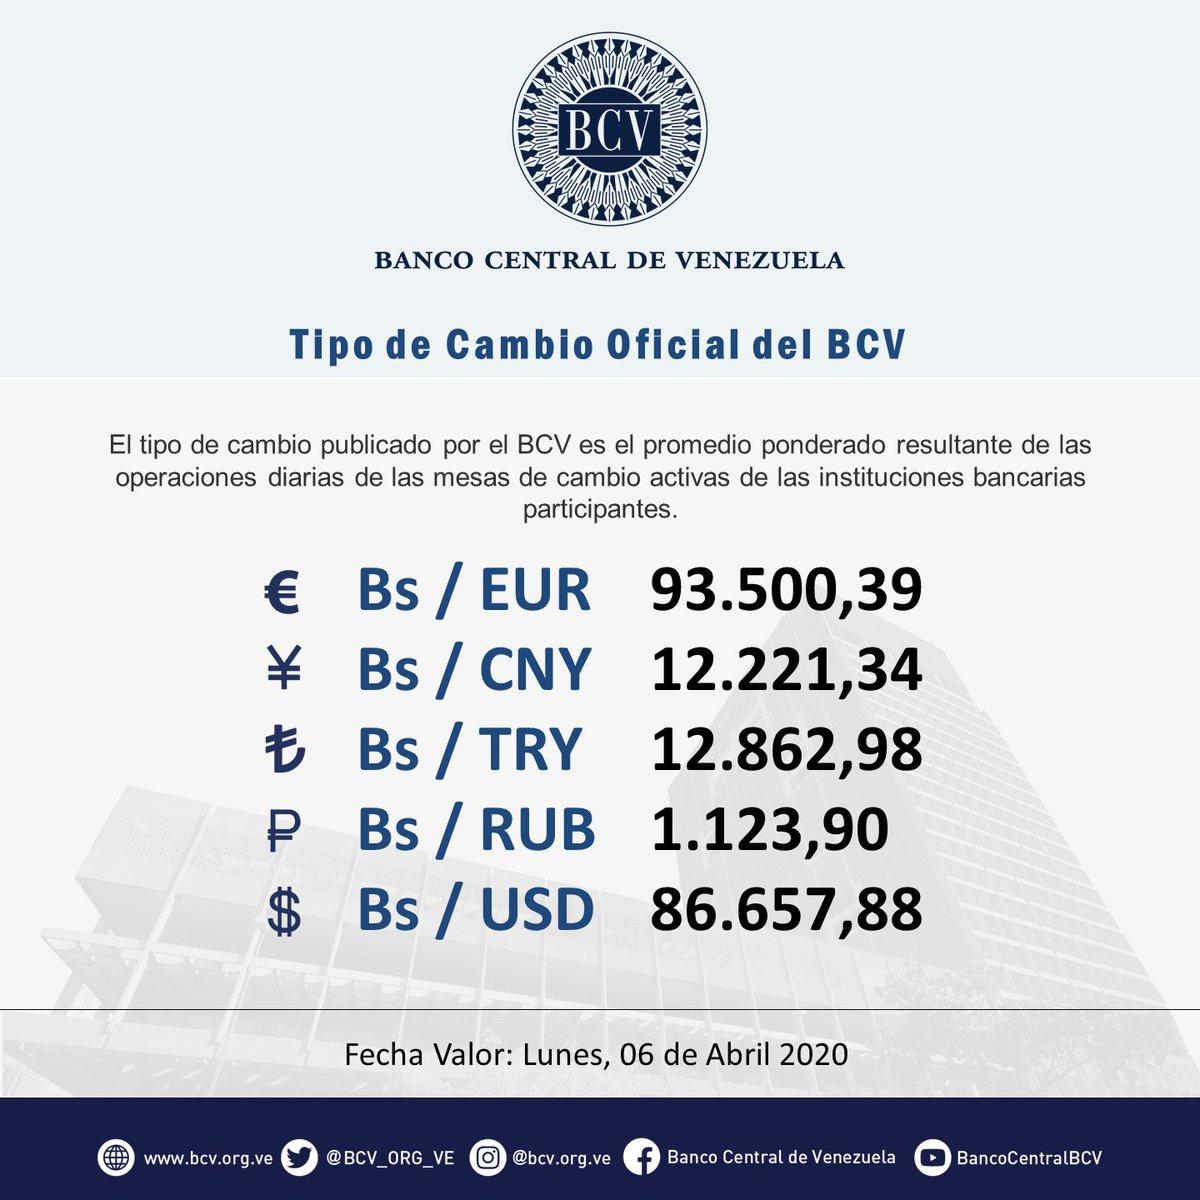 Atención|| El tipo de cambio publicado por el BCV es el promedio ponderado de las operaciones de las mesas de cambio de las instituciones bancarias. Al cierre de la jornada del viernes 03-04-2020, los resultados son:  #MercadoCambiario #BCVpic.twitter.com/2srrc5RoBa